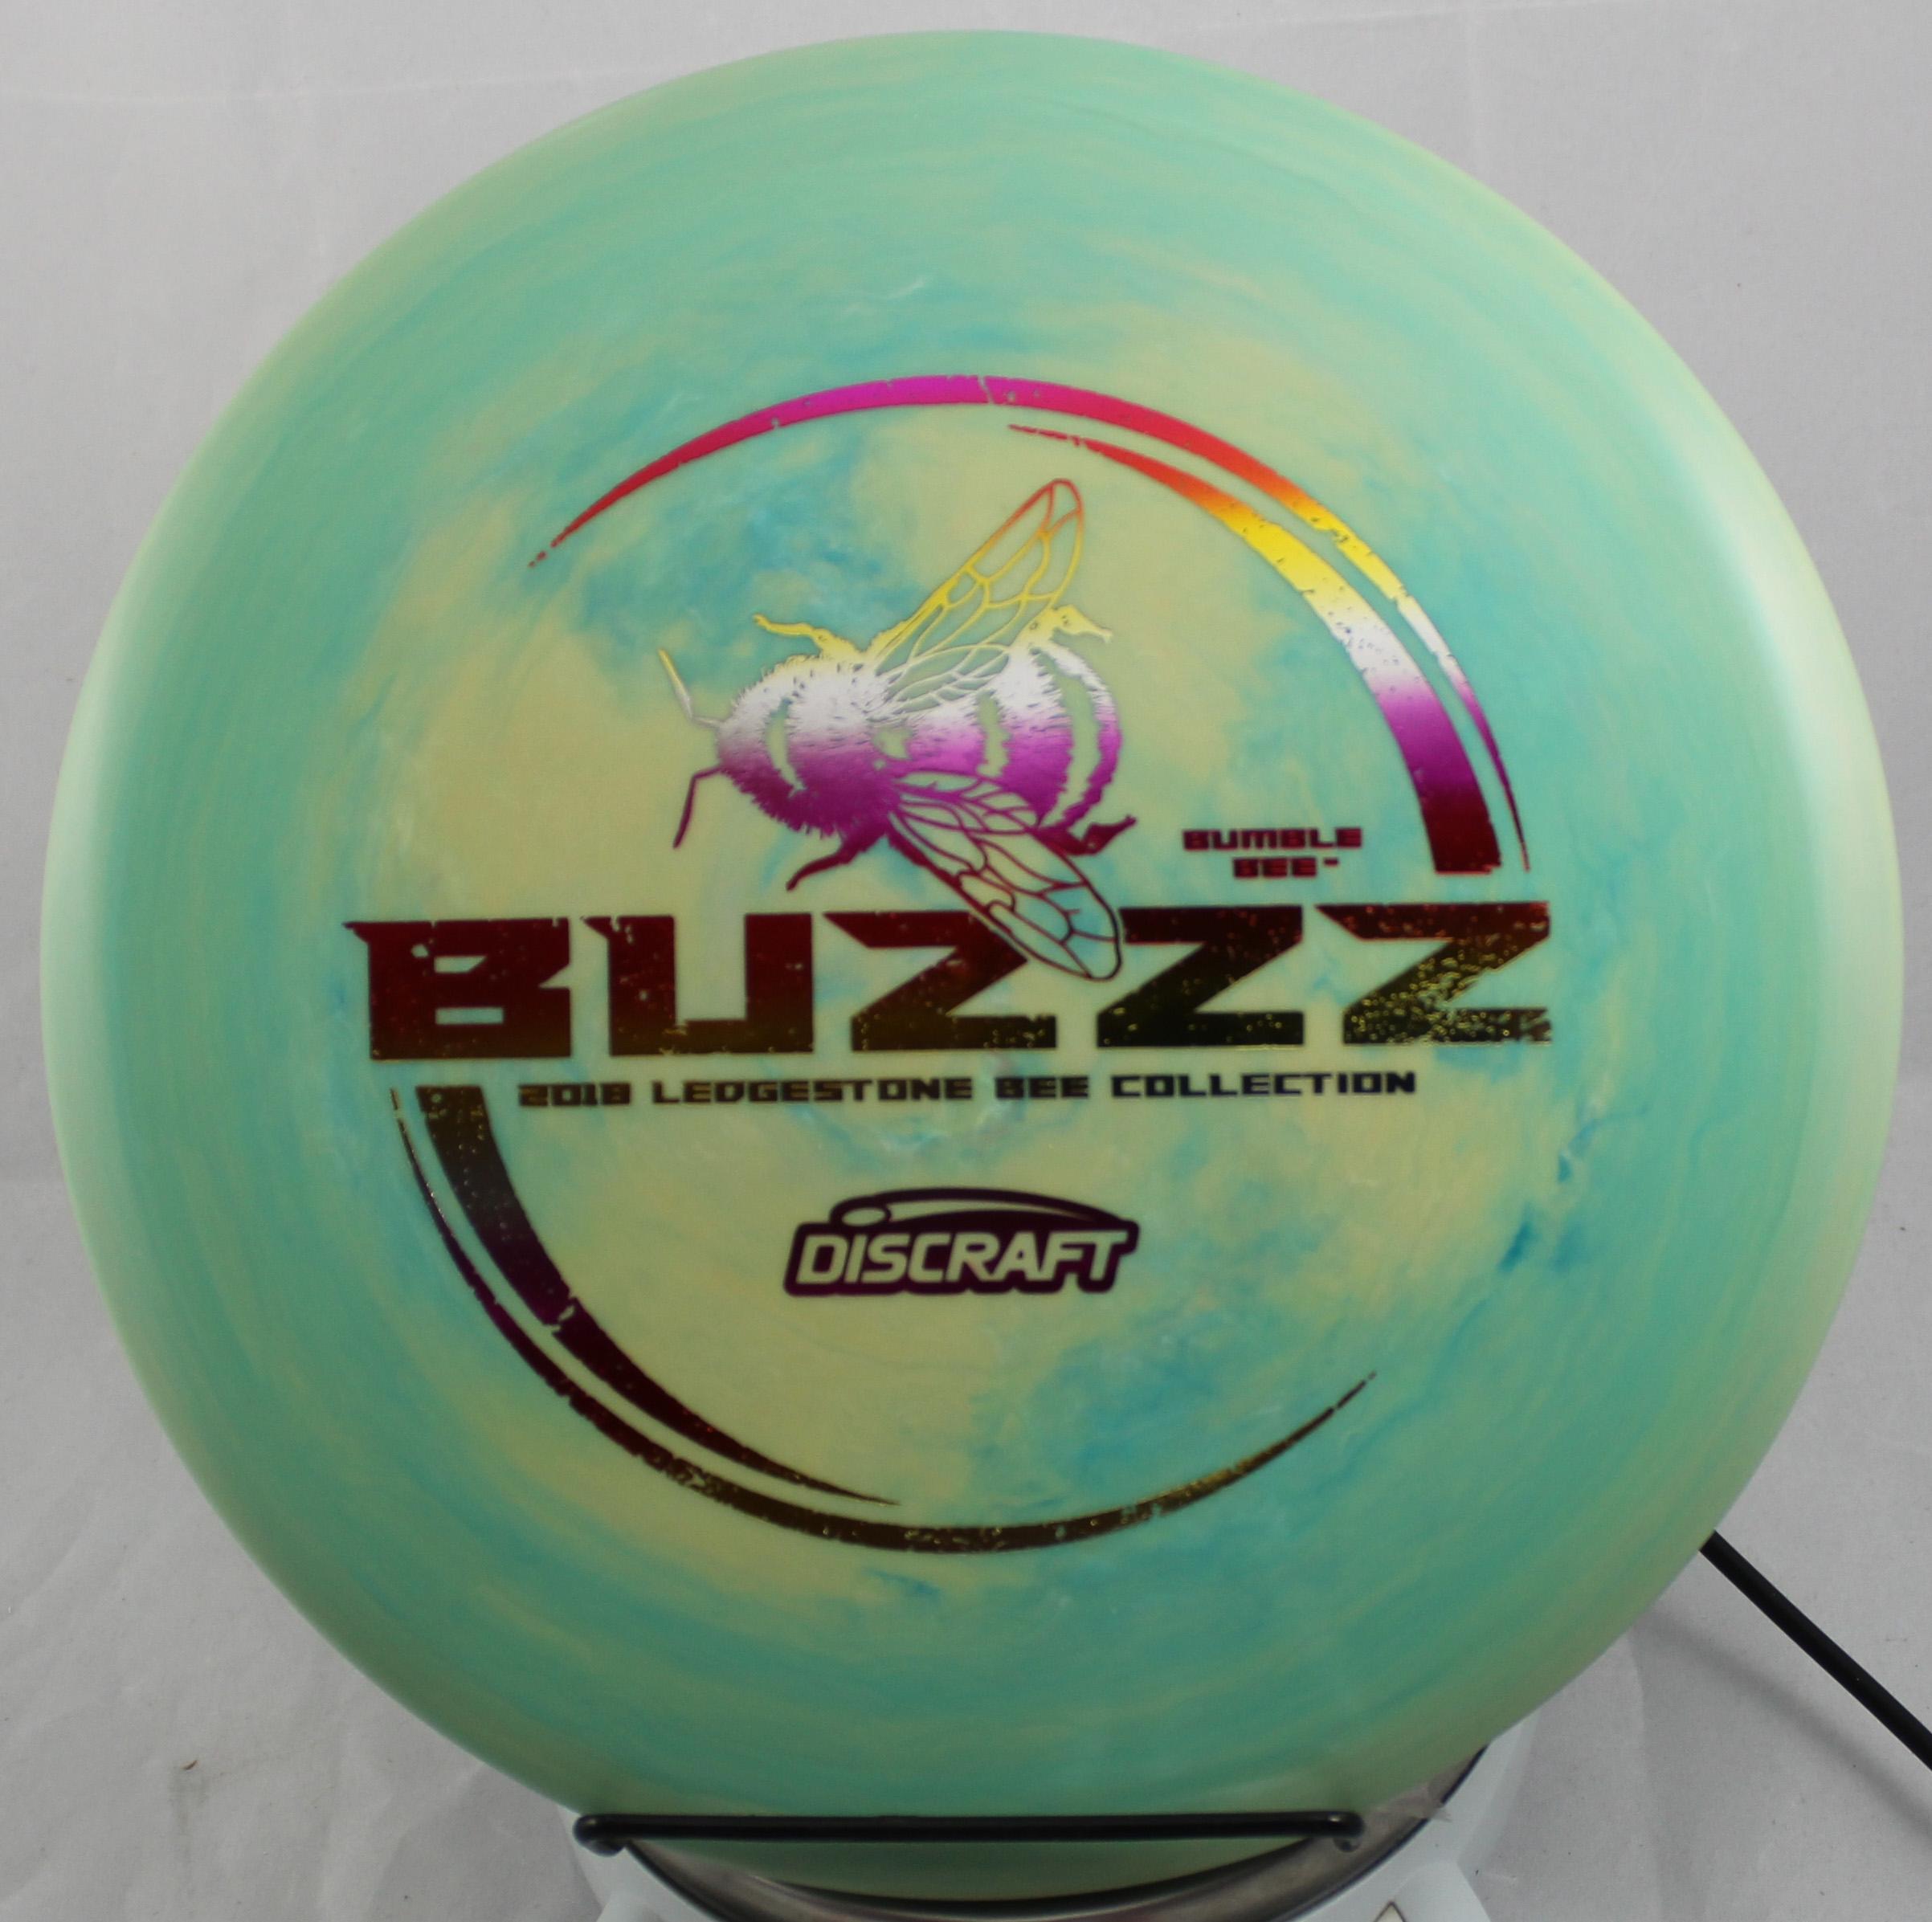 ESP Buzzz, Swirly 2018 Ledgest